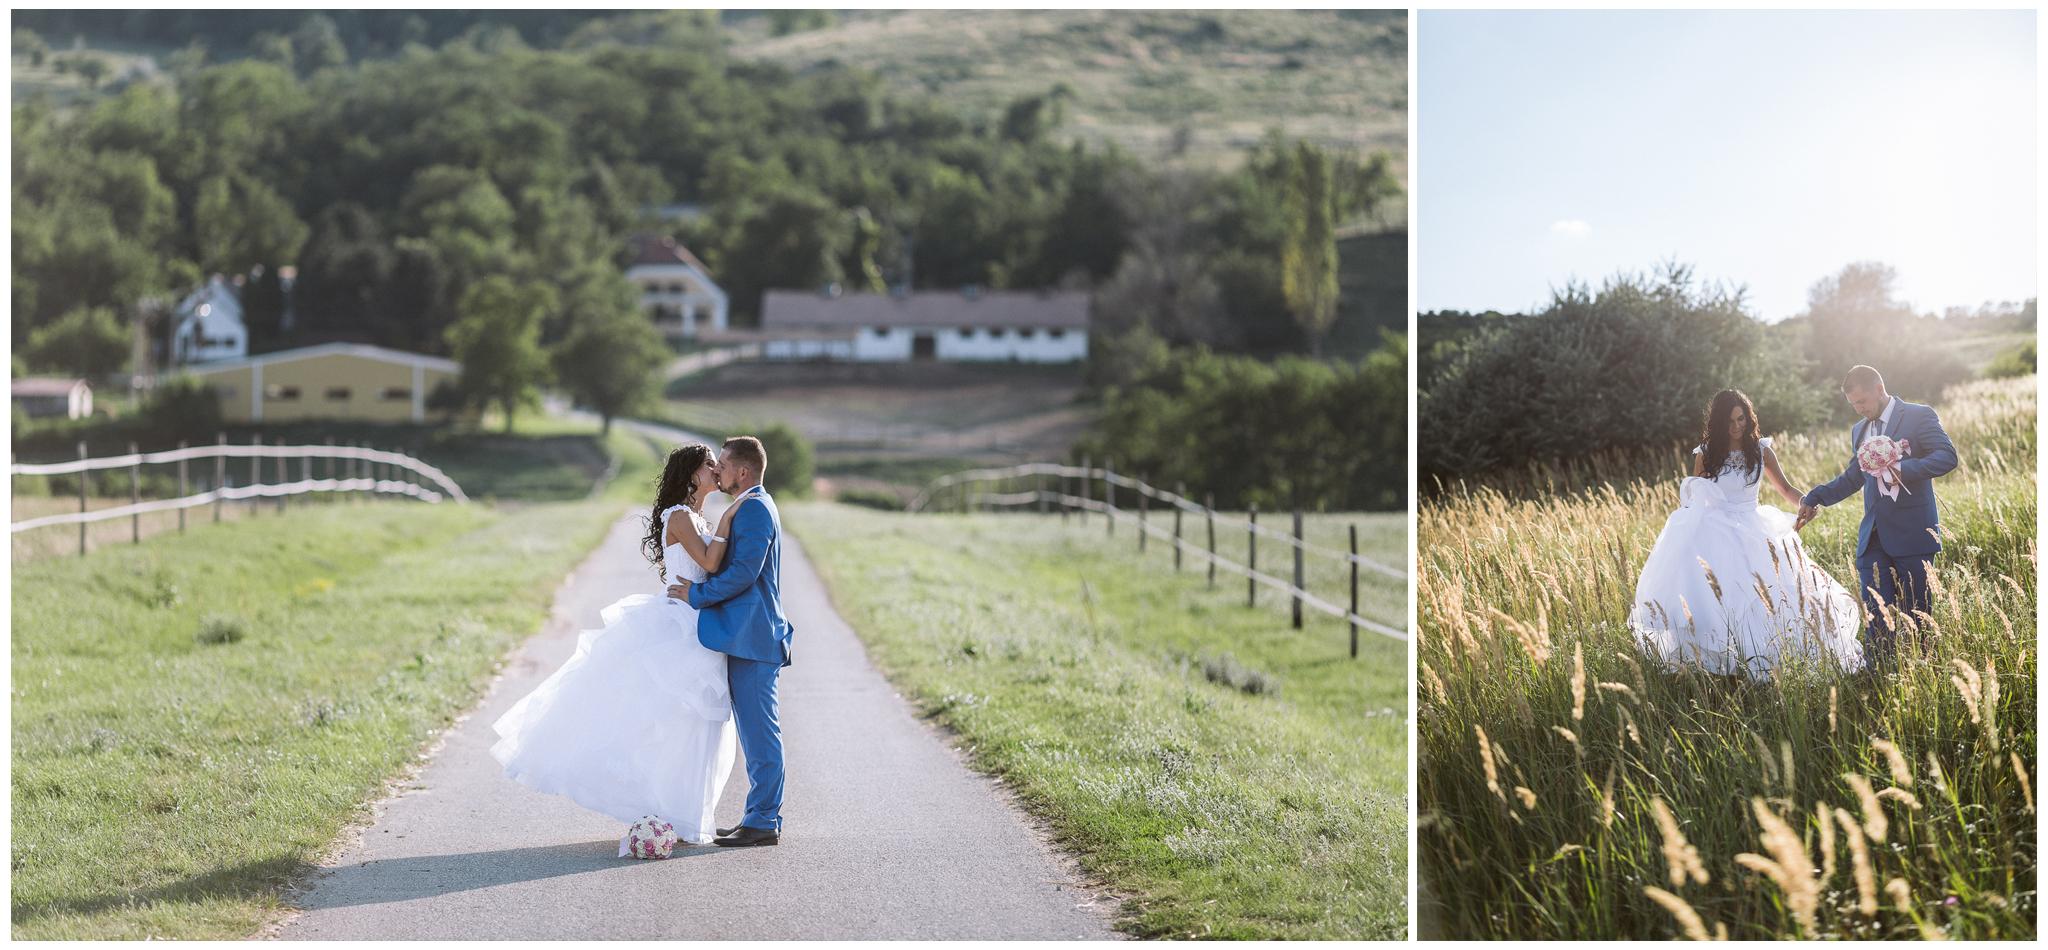 FylepPhoto, esküvőfotózás, magyarország, esküvői fotós, vasmegye, prémium, jegyesfotózás, Fülöp Péter 22.jpg